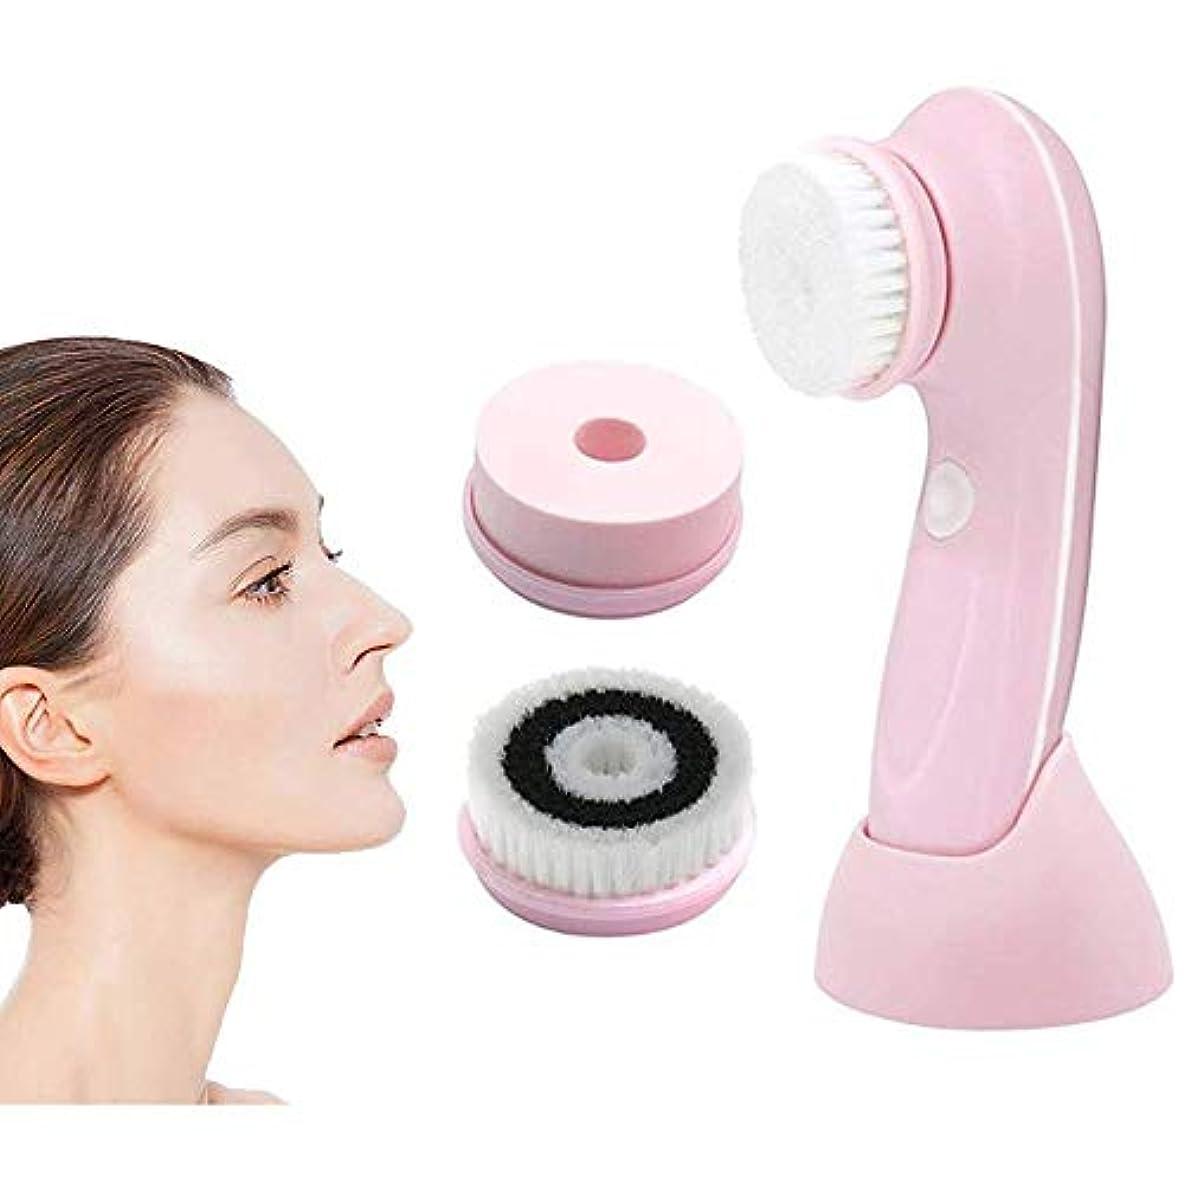 寝室を掃除するストライク公然とKJRJCD 洗顔ブラシ、3つの交換用ヘッドとエクスフォリエイティング、ブラックヘッド、ポータブル顔スクラバー用USB充電式プロフェッショナル洗顔ブラシ、ピンクスピニング